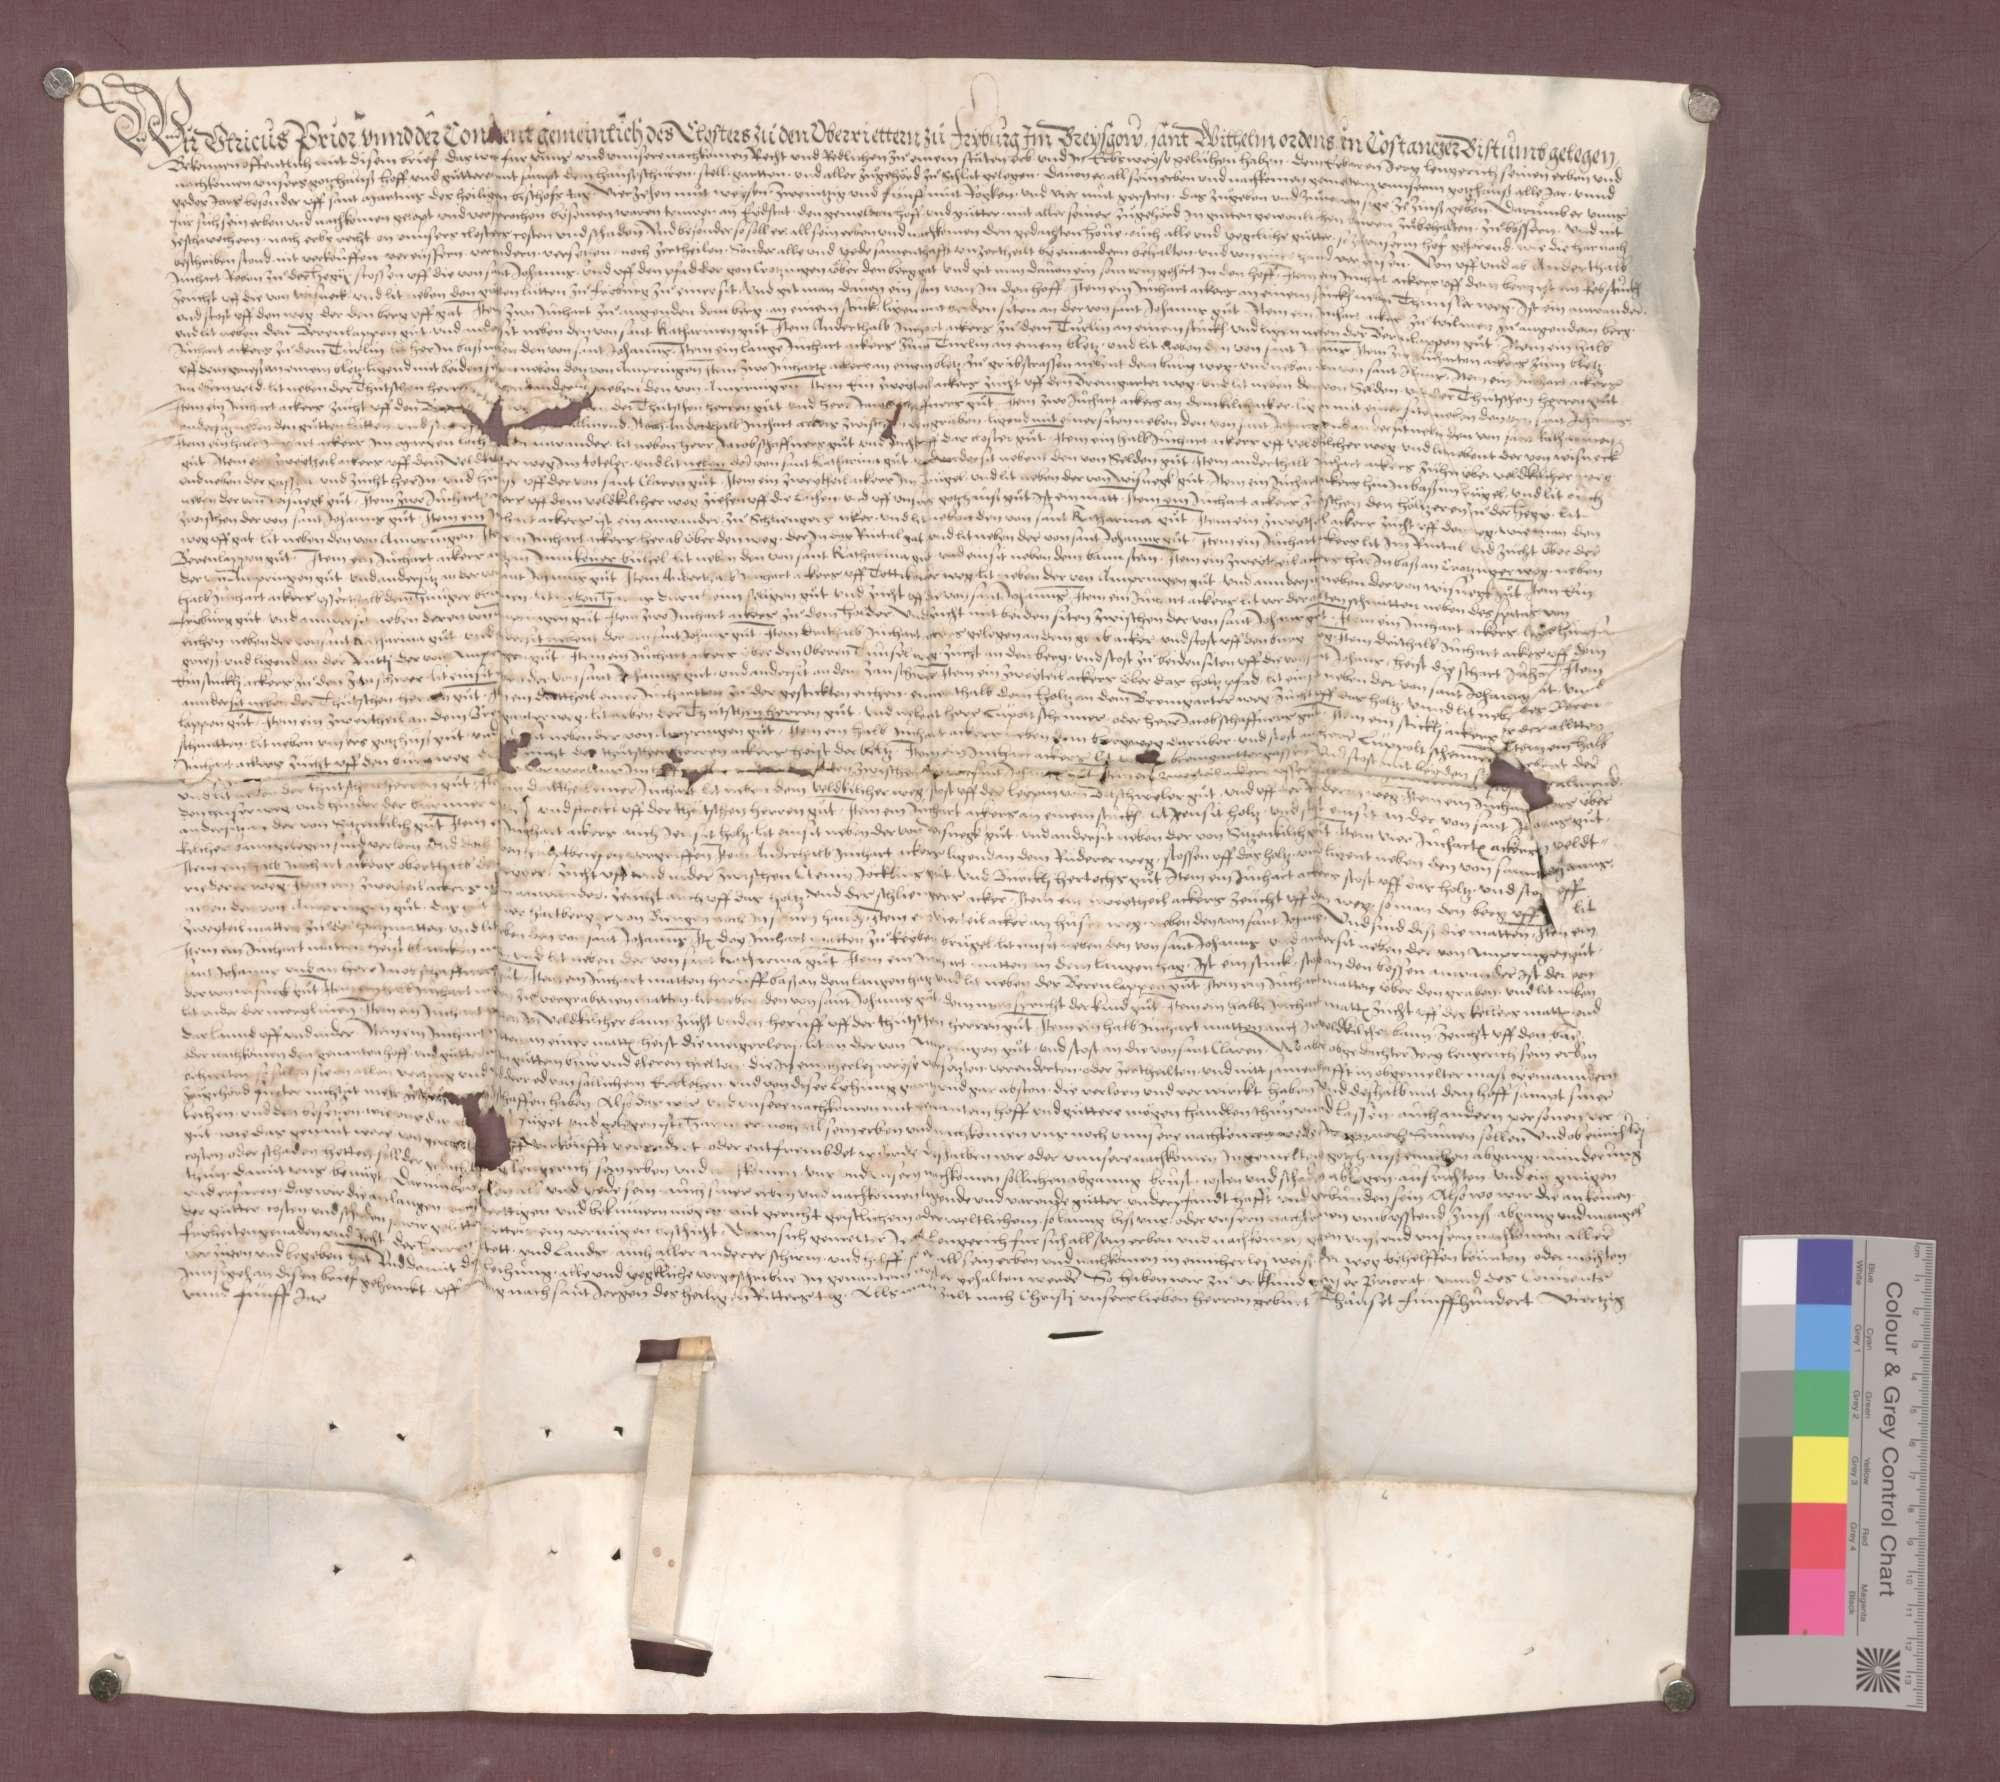 Prior Ulrich und der Konvent der Oberrieder zu Freiburg verleihen dem Jörg Lengerich ihren Hof zu Schlatt mit genannten Gütern um 14 Mutt Weizen, 25 Mutt Roggen- und 4 Mutt Gerste Zins zu Erblehen., Bild 1